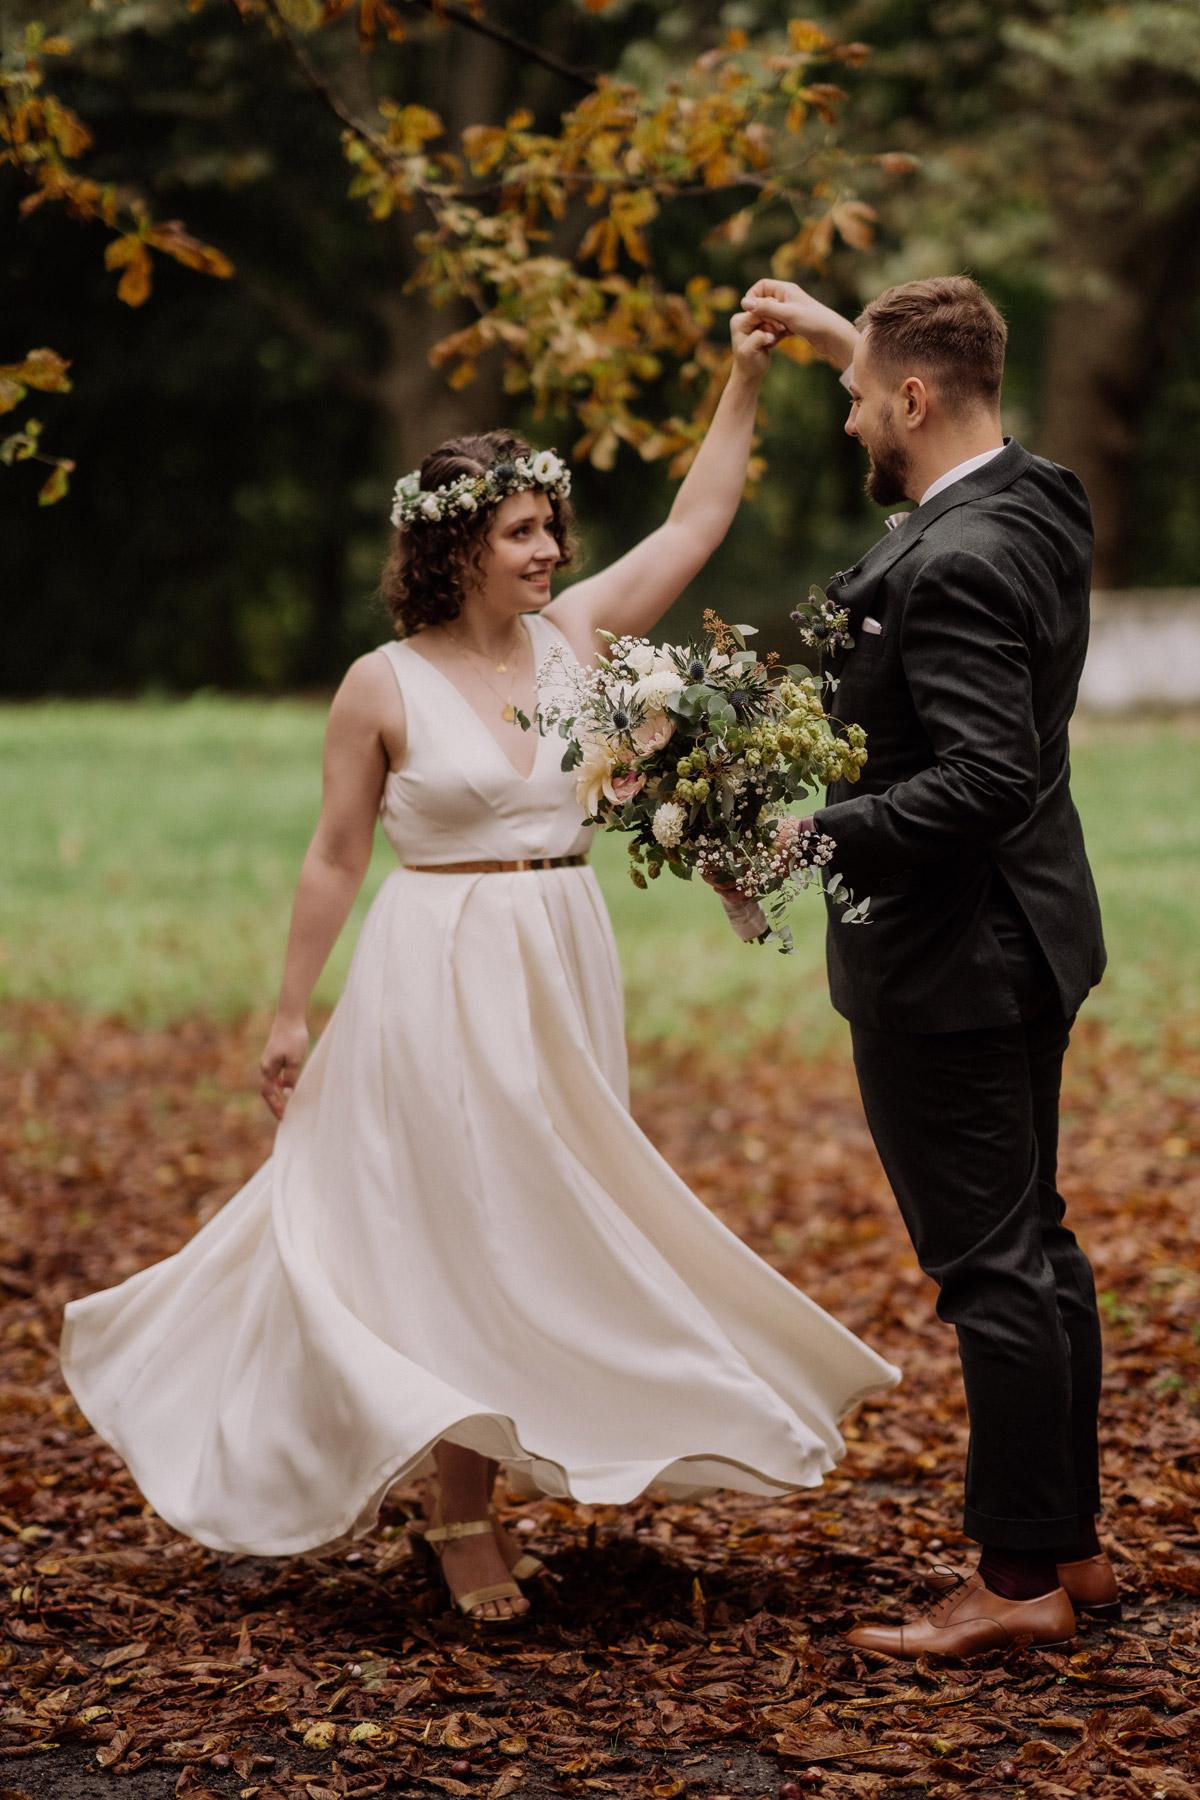 Standesamt Park Shooting Herbsthochzeit mit Hochzeitsfilm von Hochzeitsvideograf Berlin in Bekemühle in Dannenwalde © www.hochzeitslicht.de #hochzeitslicht